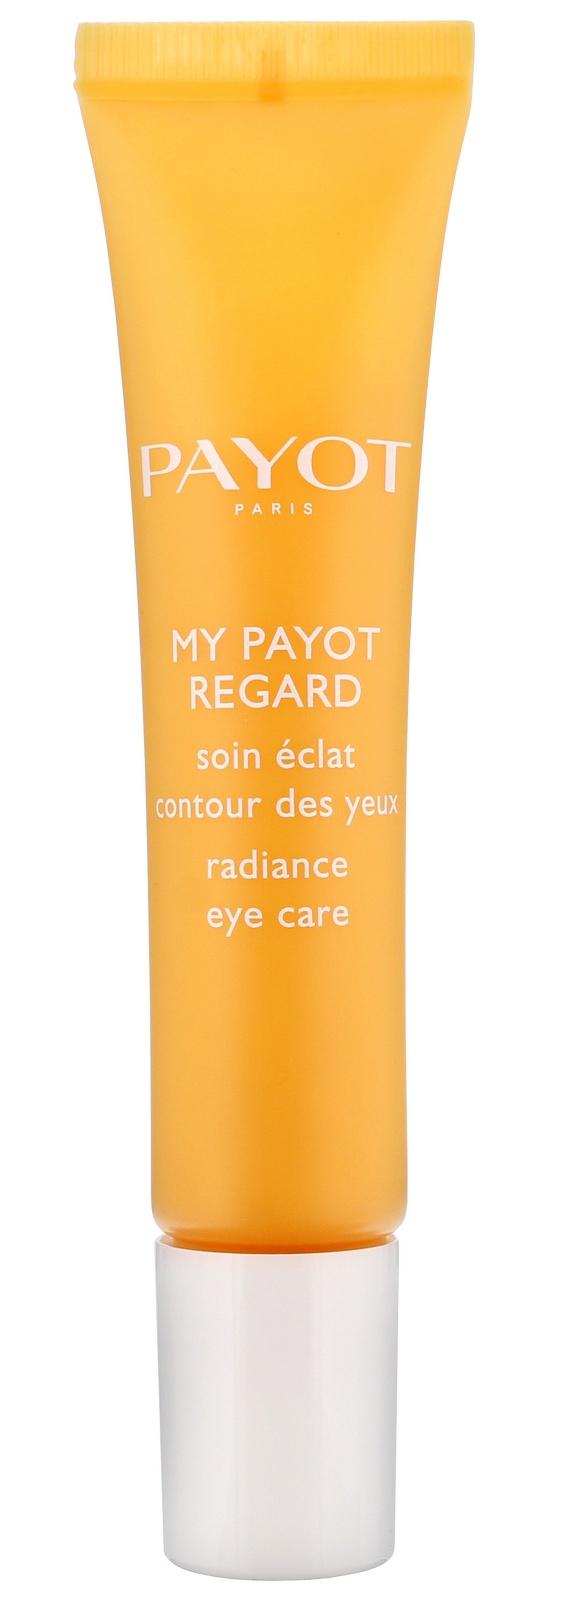 Payot My Payot Regard Dark Circles Treatment